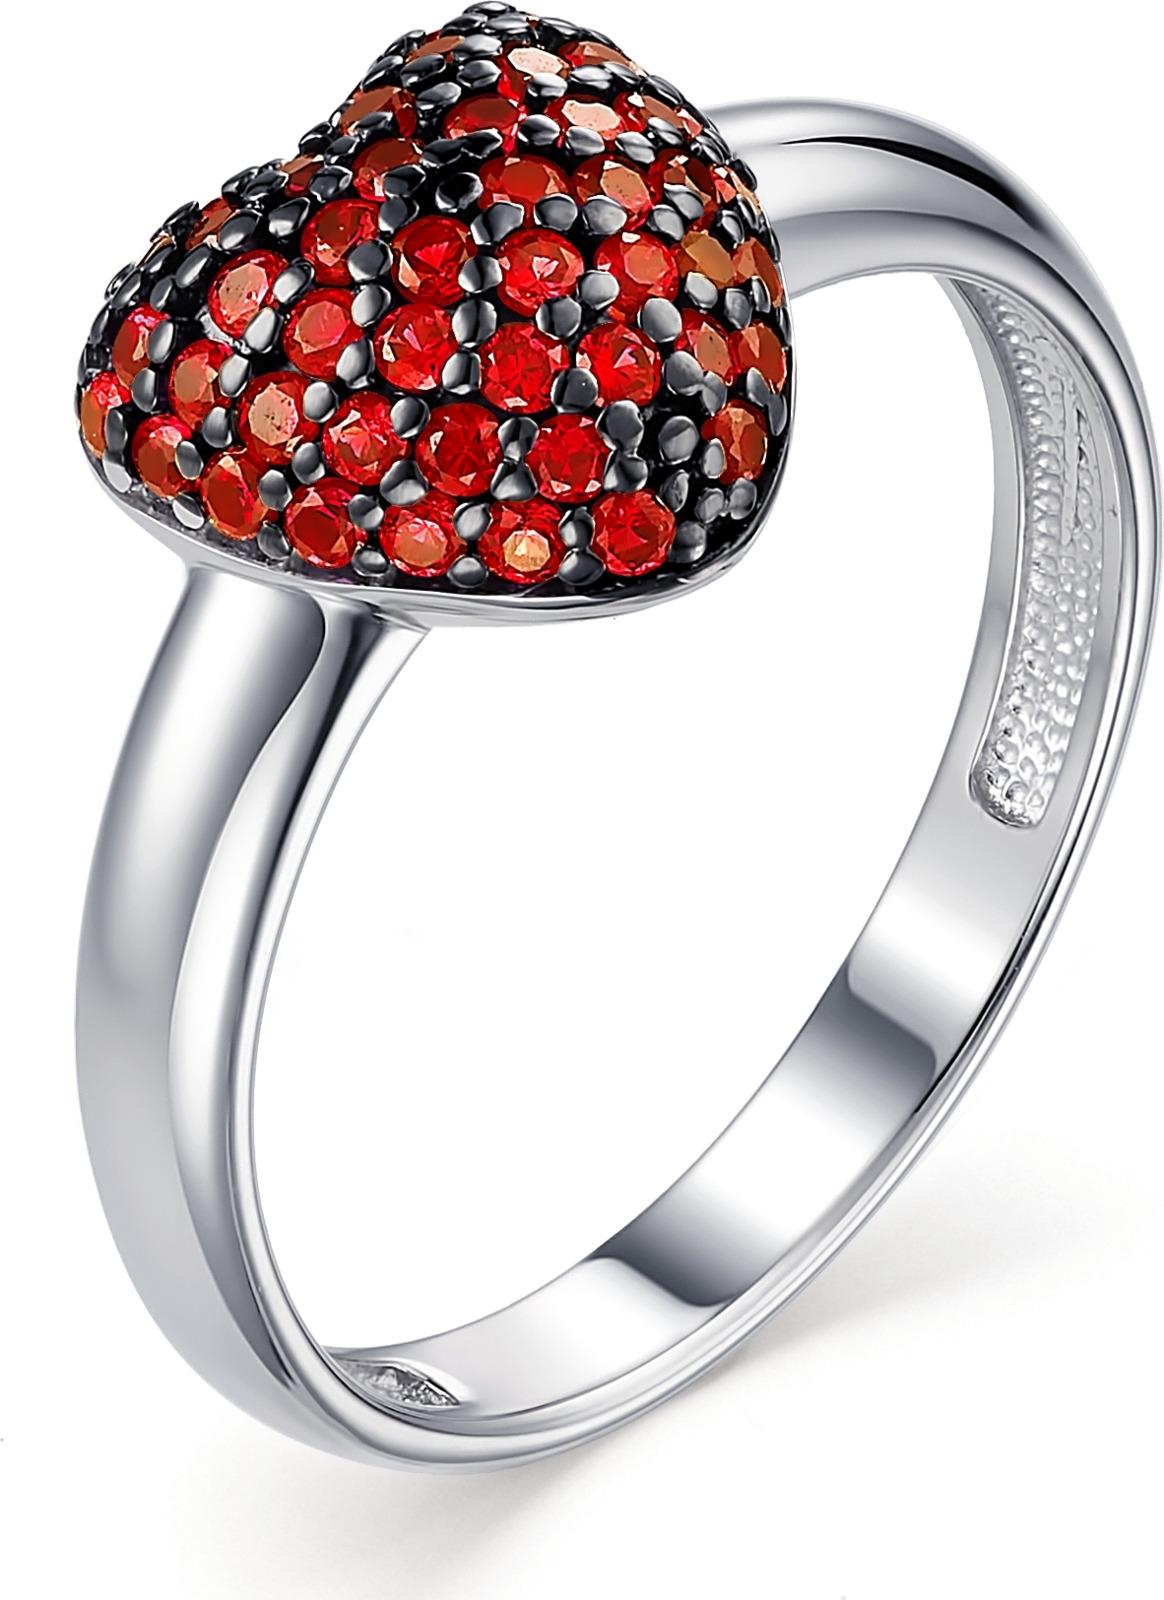 Кольцо Алькор, серебро 925, фианит, 17,5, 01-1367/0КЦ2-00СереброФианитовая обсыпка • Не замеряйте замерзшие пальцы, в этот момент их размер отличается от обычного. Для точного определения размера, замеряйте ваш палец в конце дня, когда его размер является наибольшим. • Определите, размер какого пальца вам необходимо узнать. Помолвочные и обручальные кольца принято носить на безымянном пальце правой руки. • Если вам подходят два размера, стоит выбрать больший. • Если сустав шире самого пальца – измеряйте диаметр сустава. • Если вы хотите приобрести кольцо с ободком шире 4 мм, его размер должен быть примерно на полразмера больше обычного.